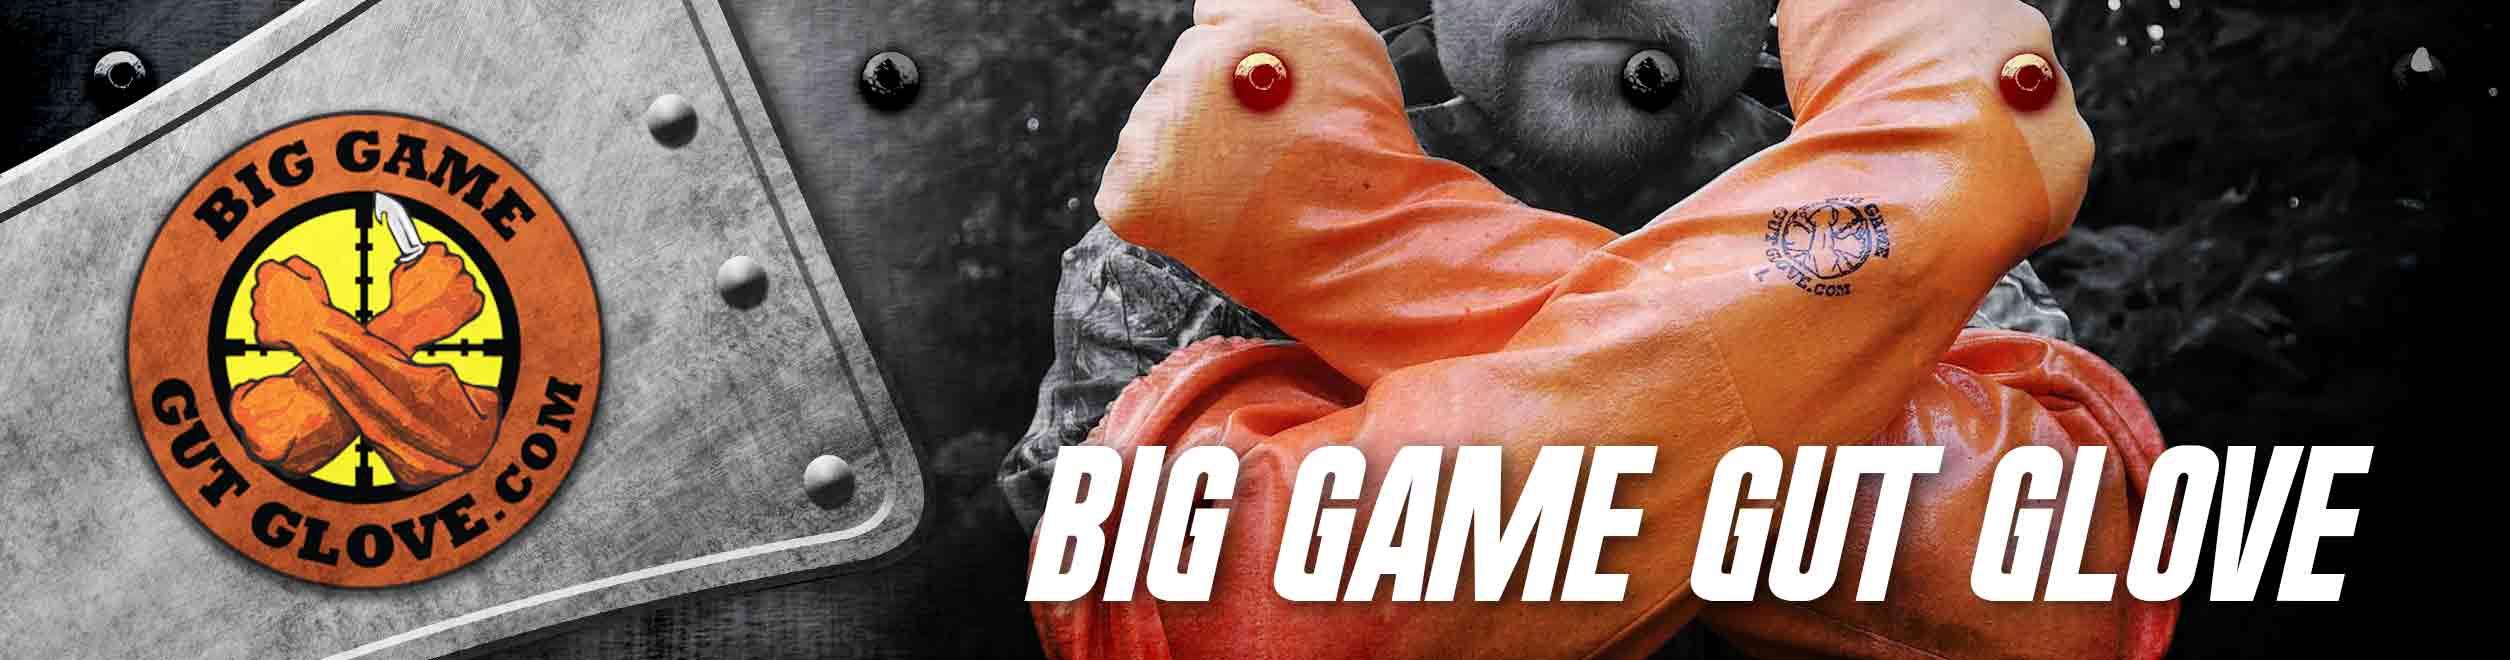 big-game-gut-glove2.jpg